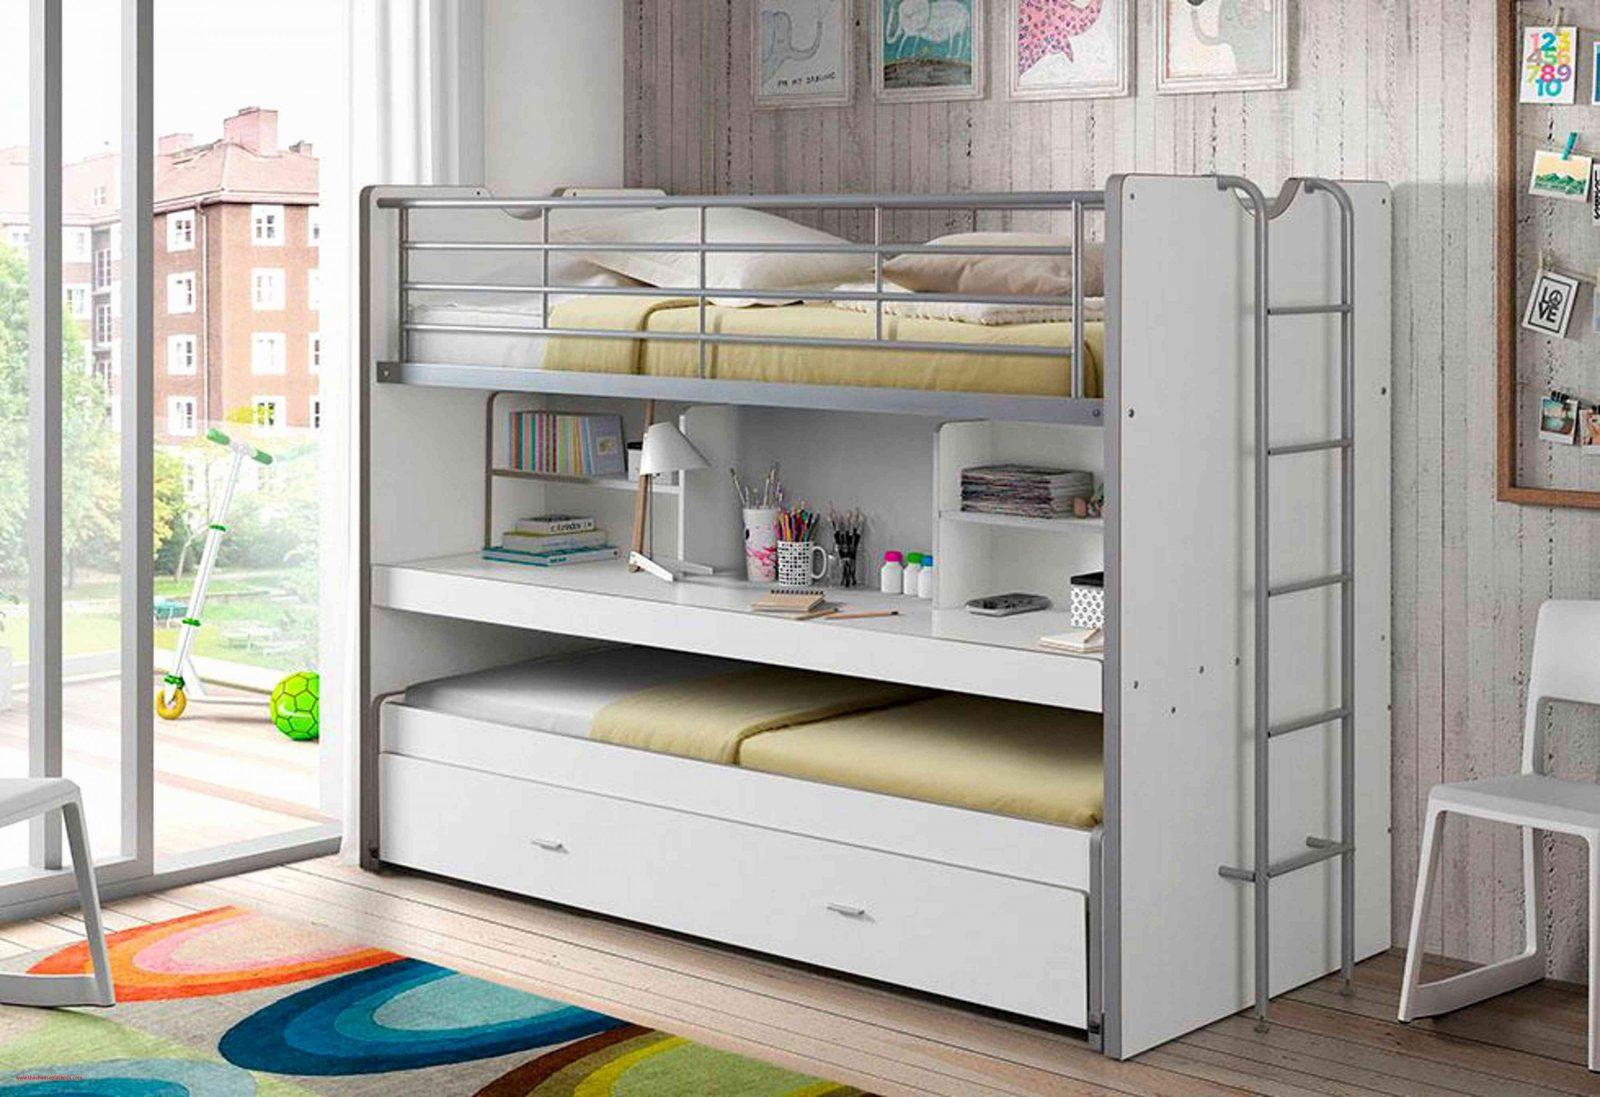 It Is Halbhohes Bett Mit Schreibtisch Best Of von Kinderbett Mit Schreibtisch Und Kleiderschrank Bild